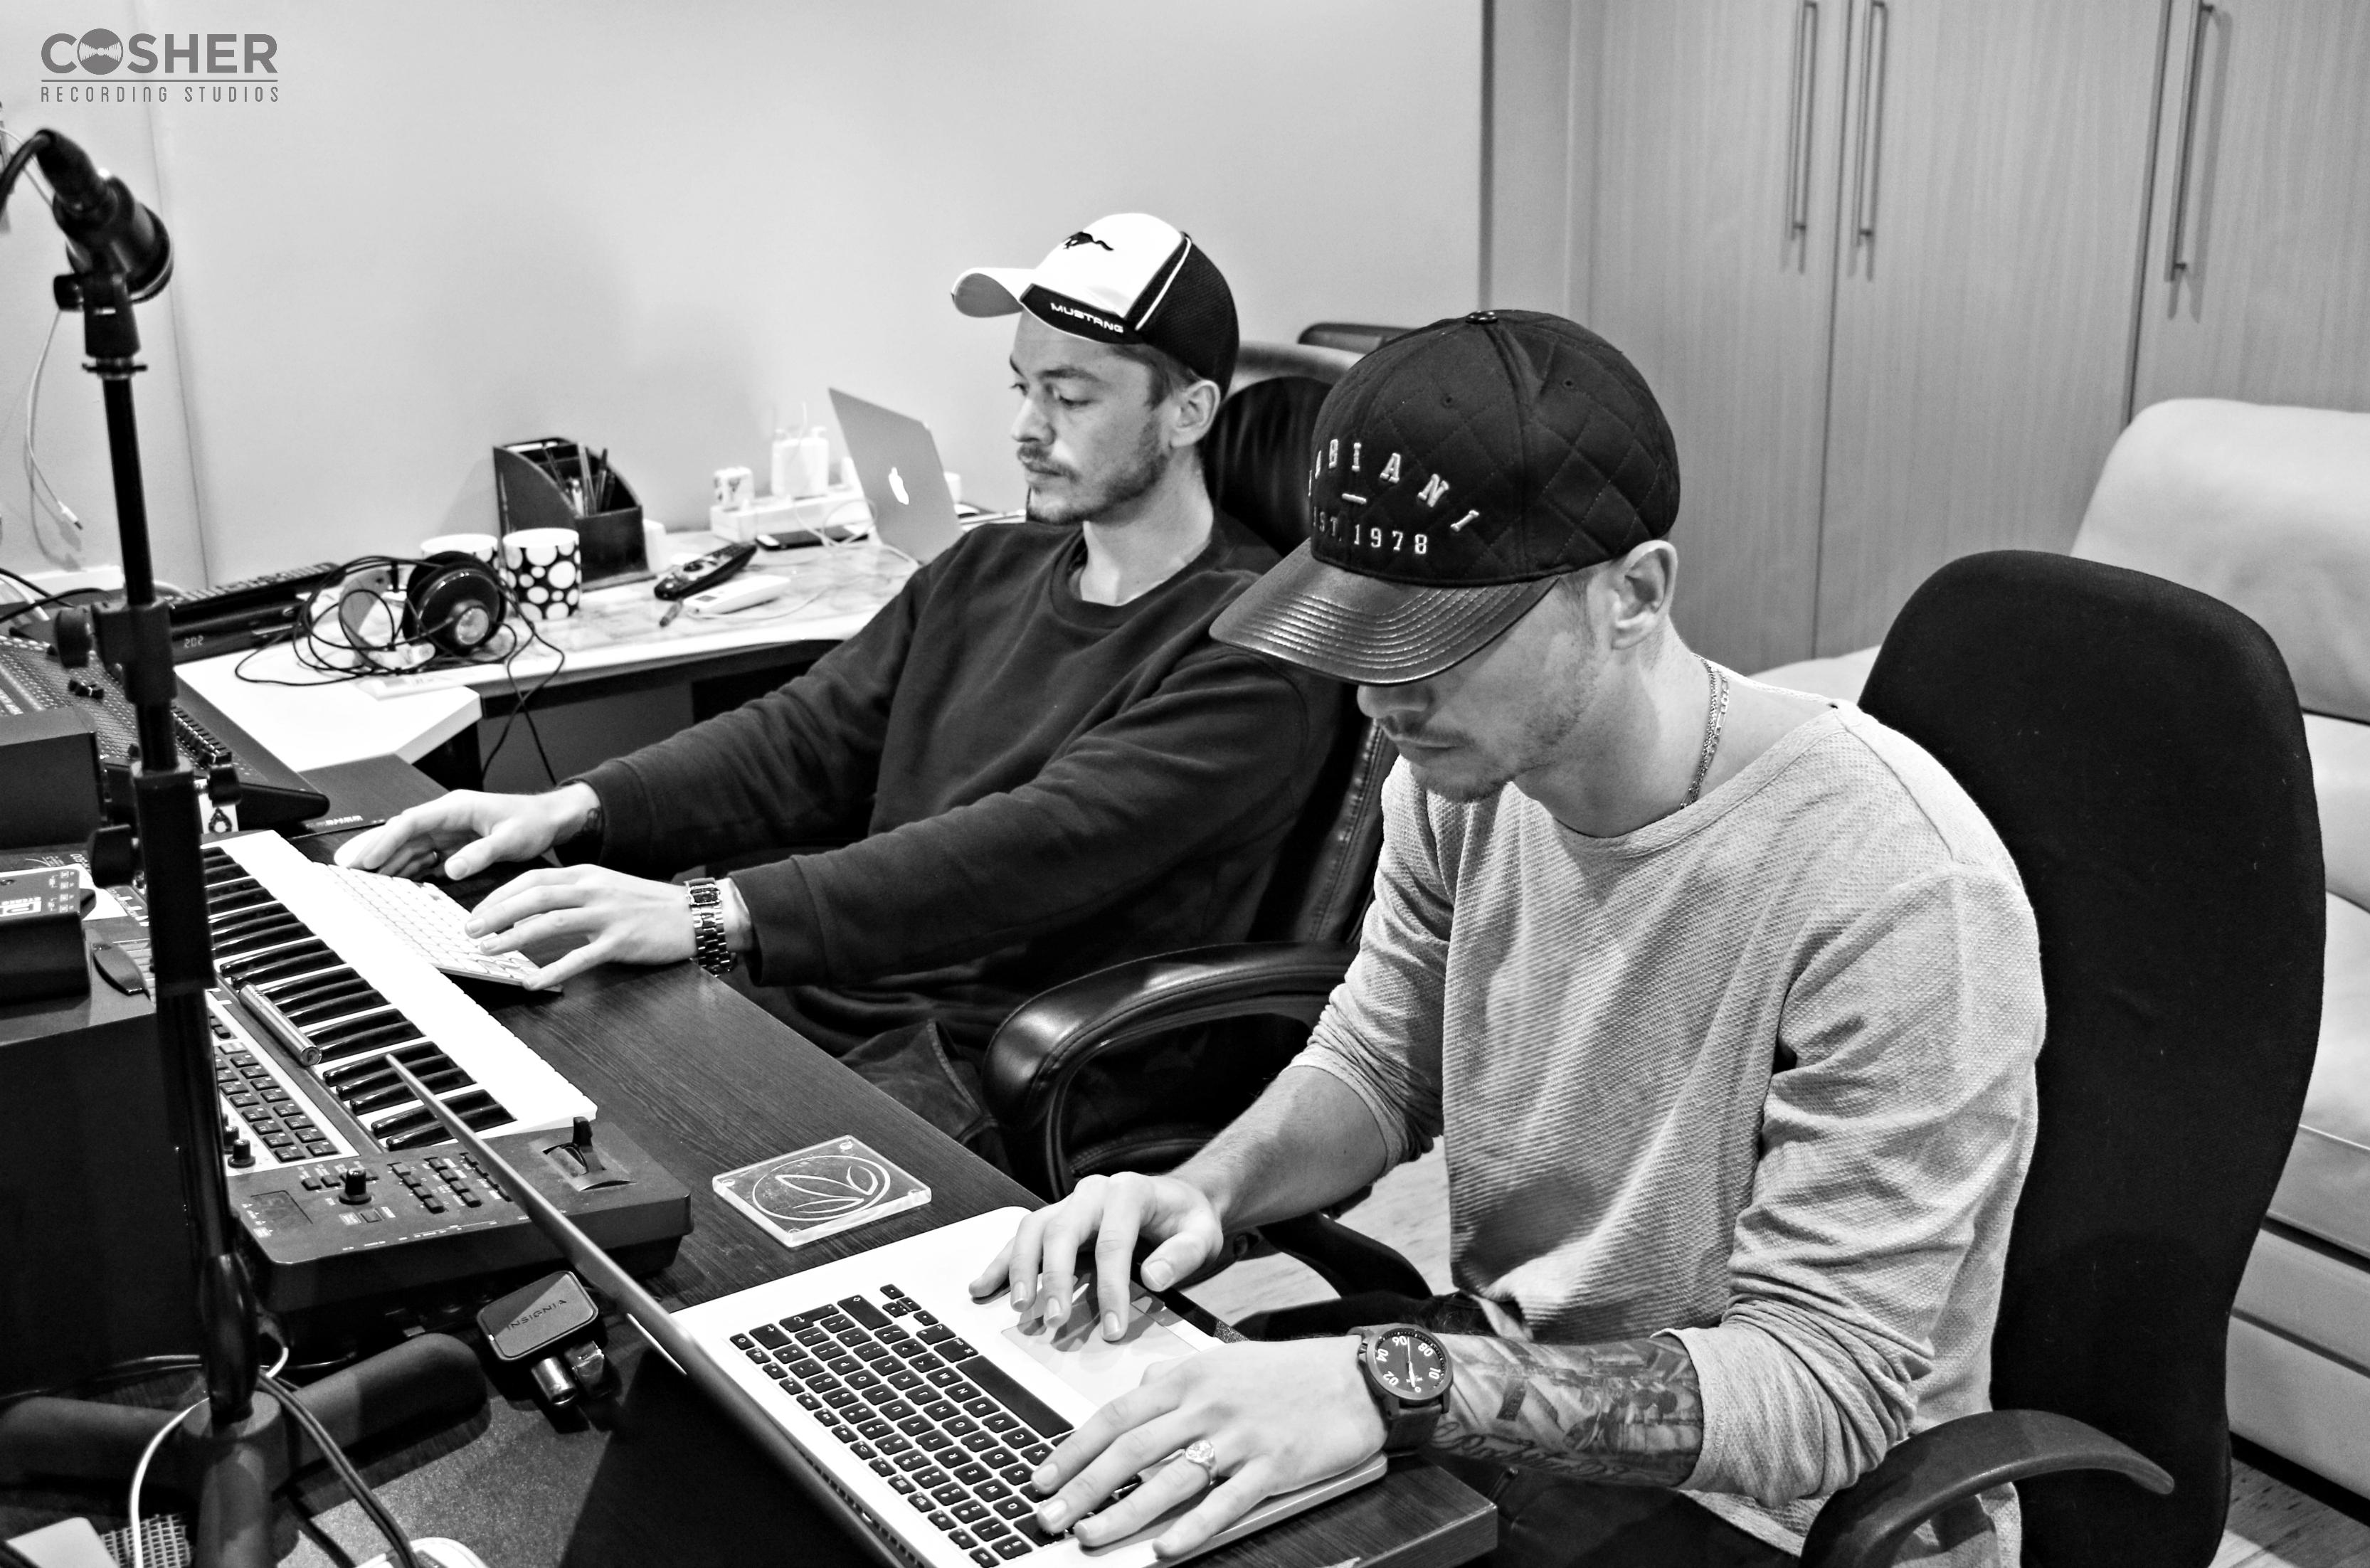 Locnville recording at Cosher Studios